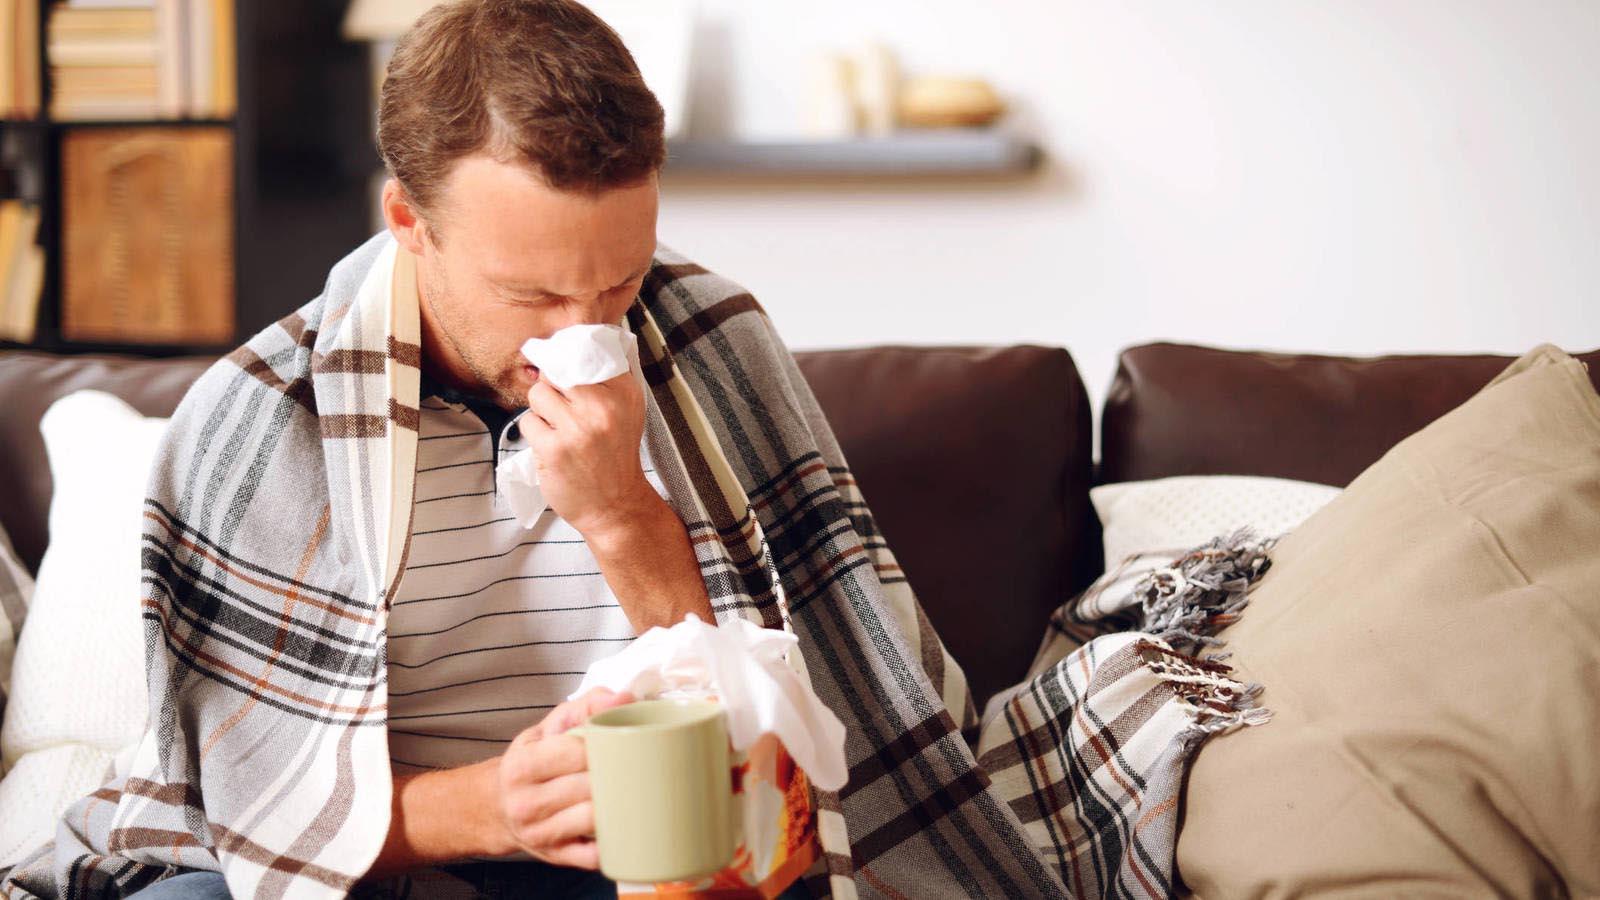 Debido a los constantes cambios de temperatura muchas personas tienden a desarrollar gripe sin darse cuenta, aquí algunos consejos para evitarla